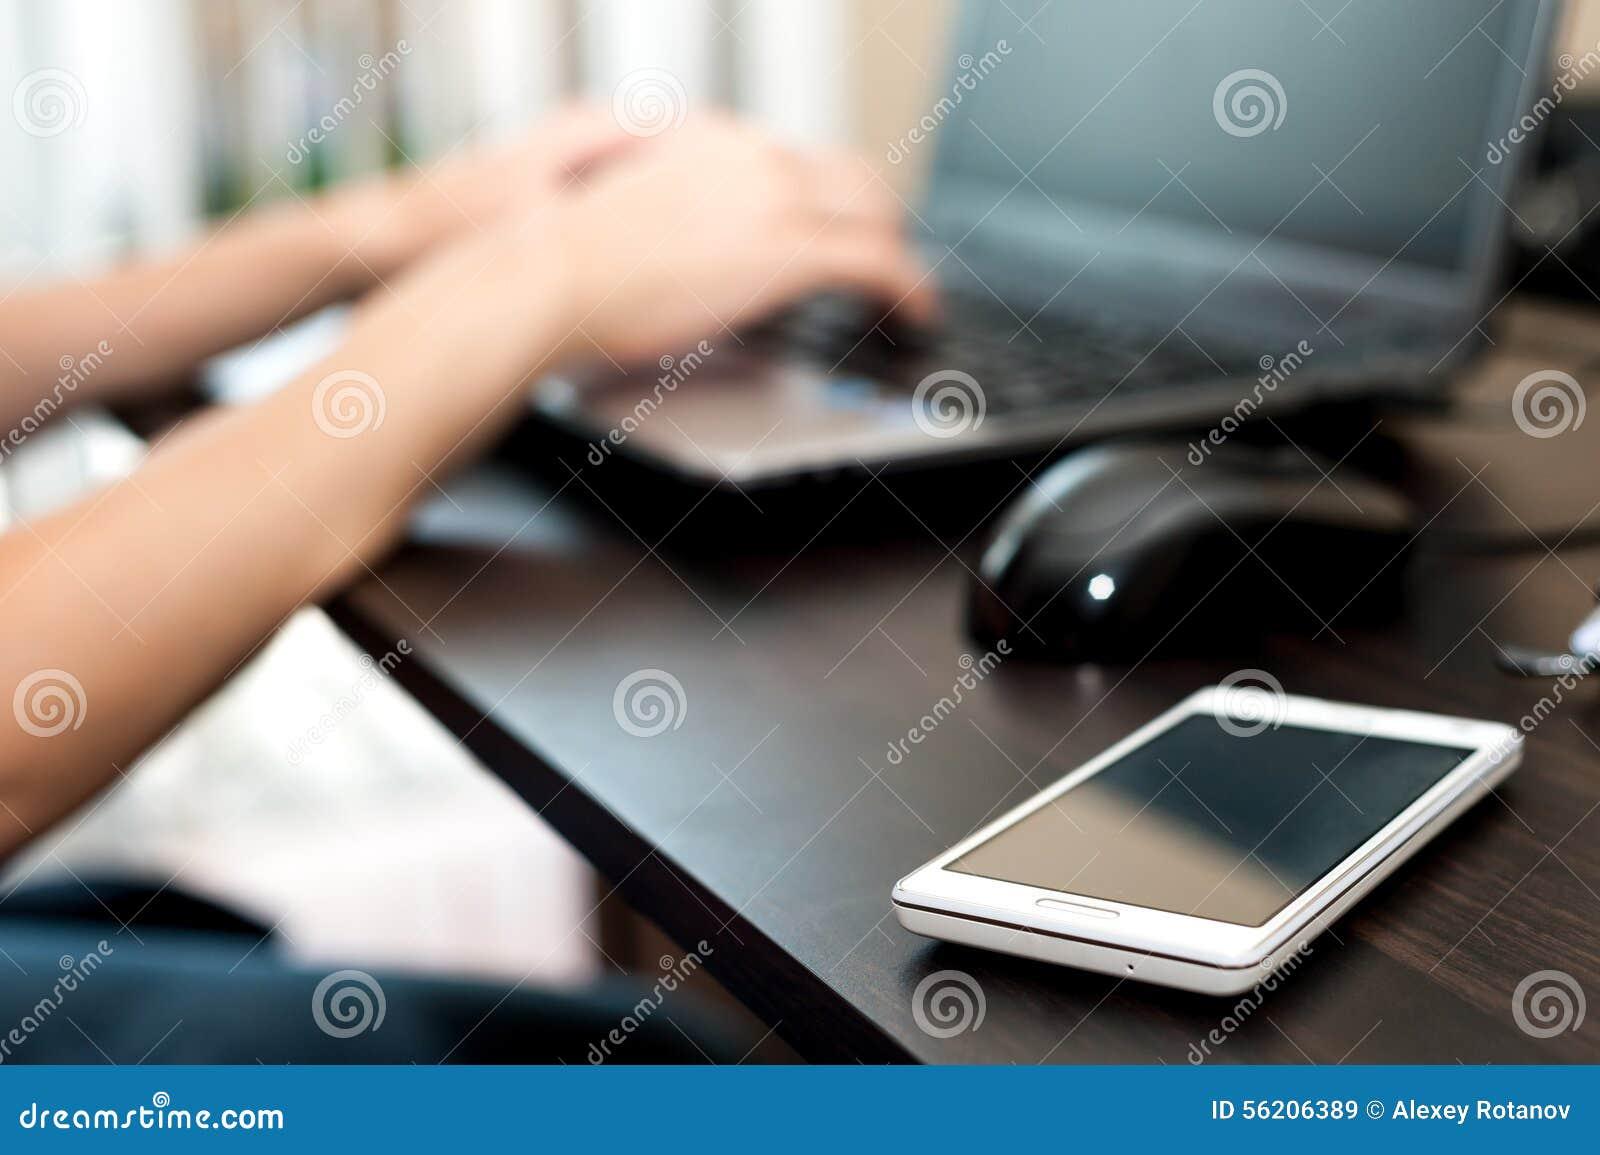 Handy (Smartphone) auf einer Tabelle und einer Frau, die an der Laptop-Computer arbeiten